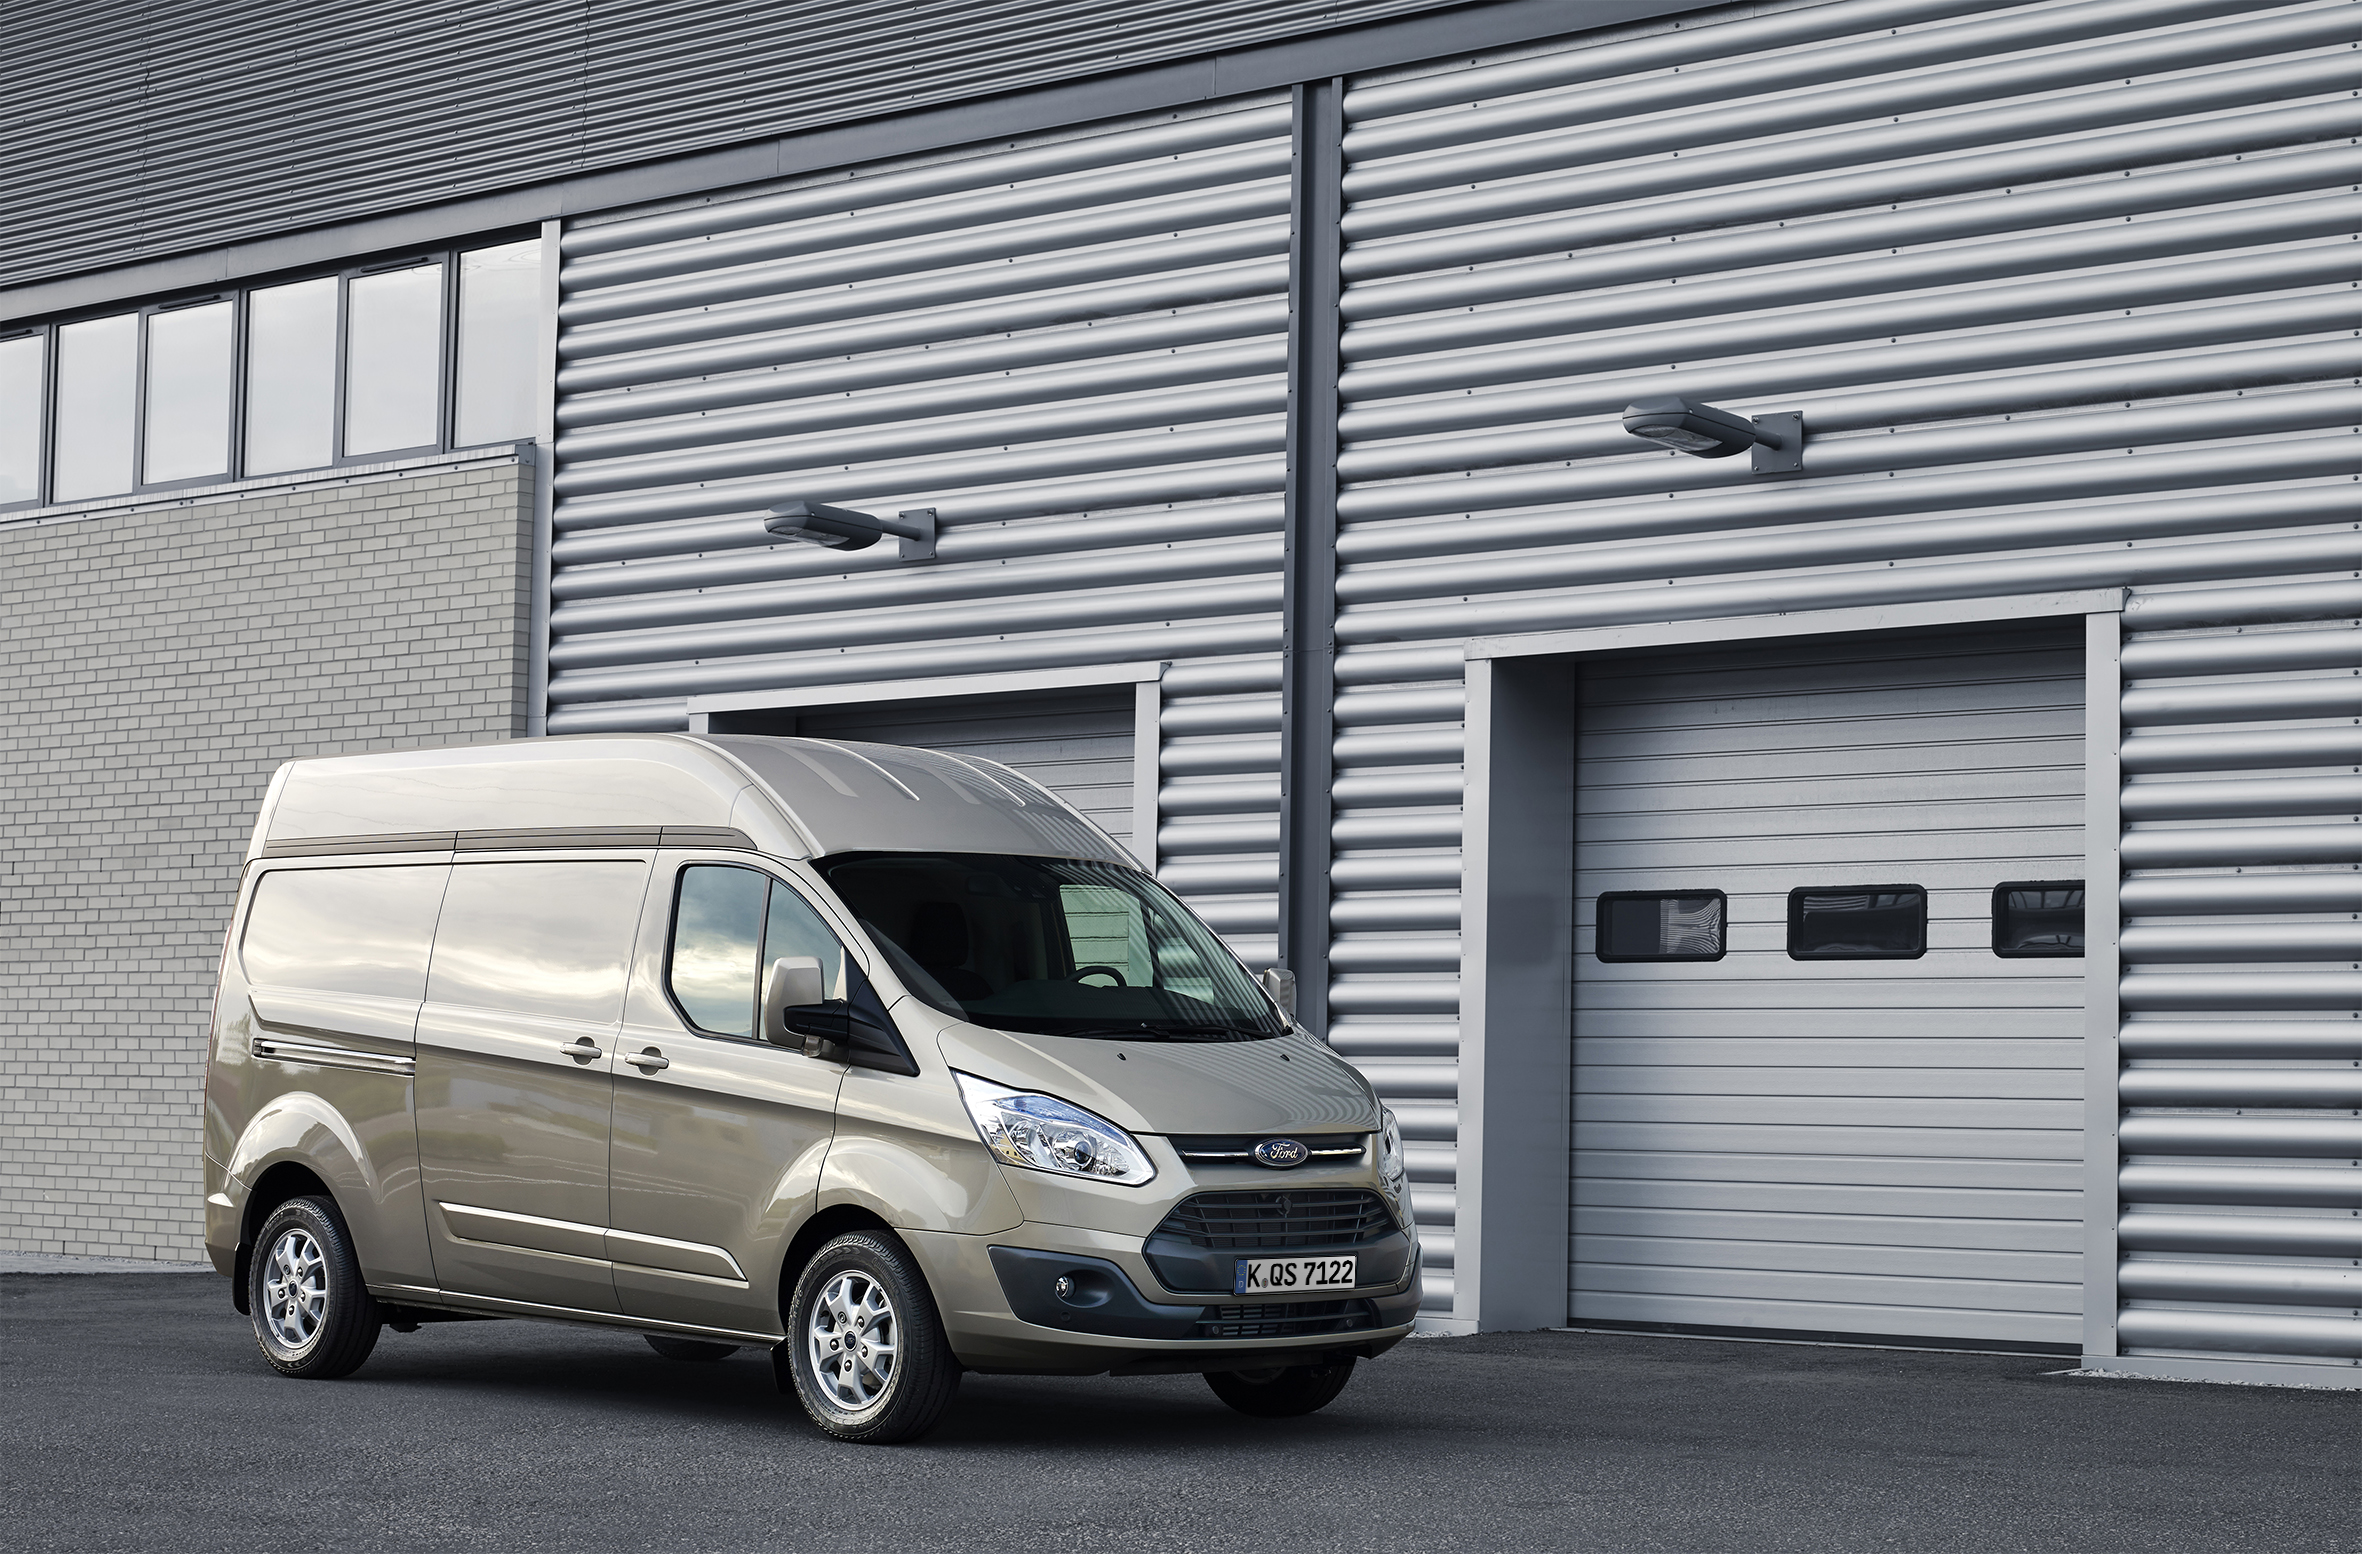 Neuer ford transit custom nun auch mit hochdach bestellbar for Innendekoration vankann gmbh